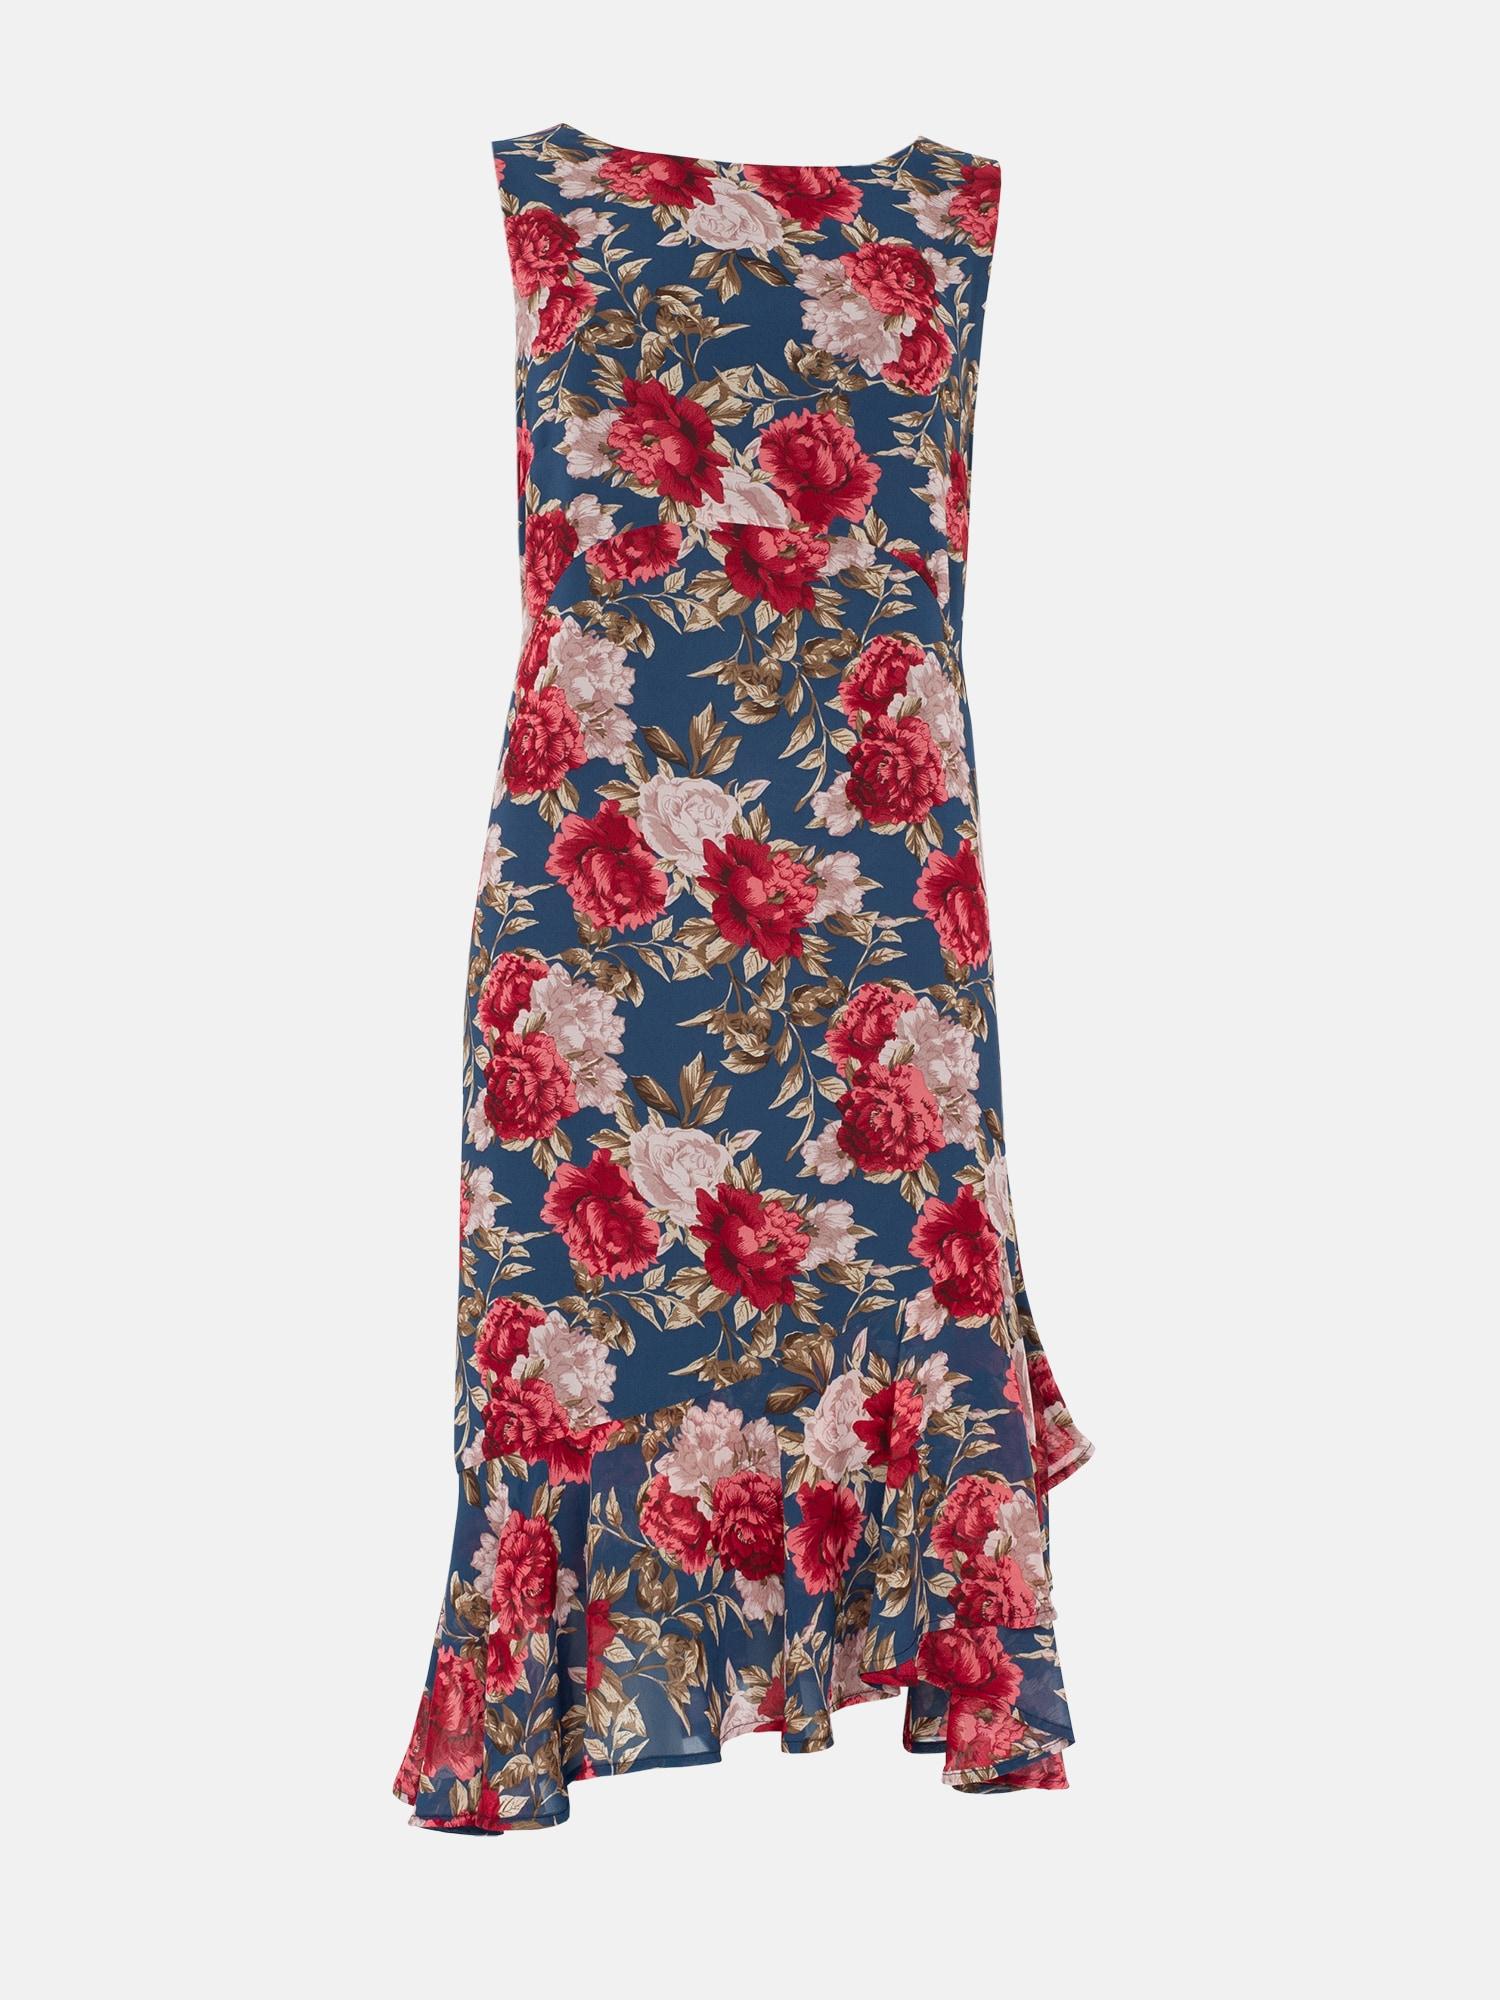 2 Daisy Dress